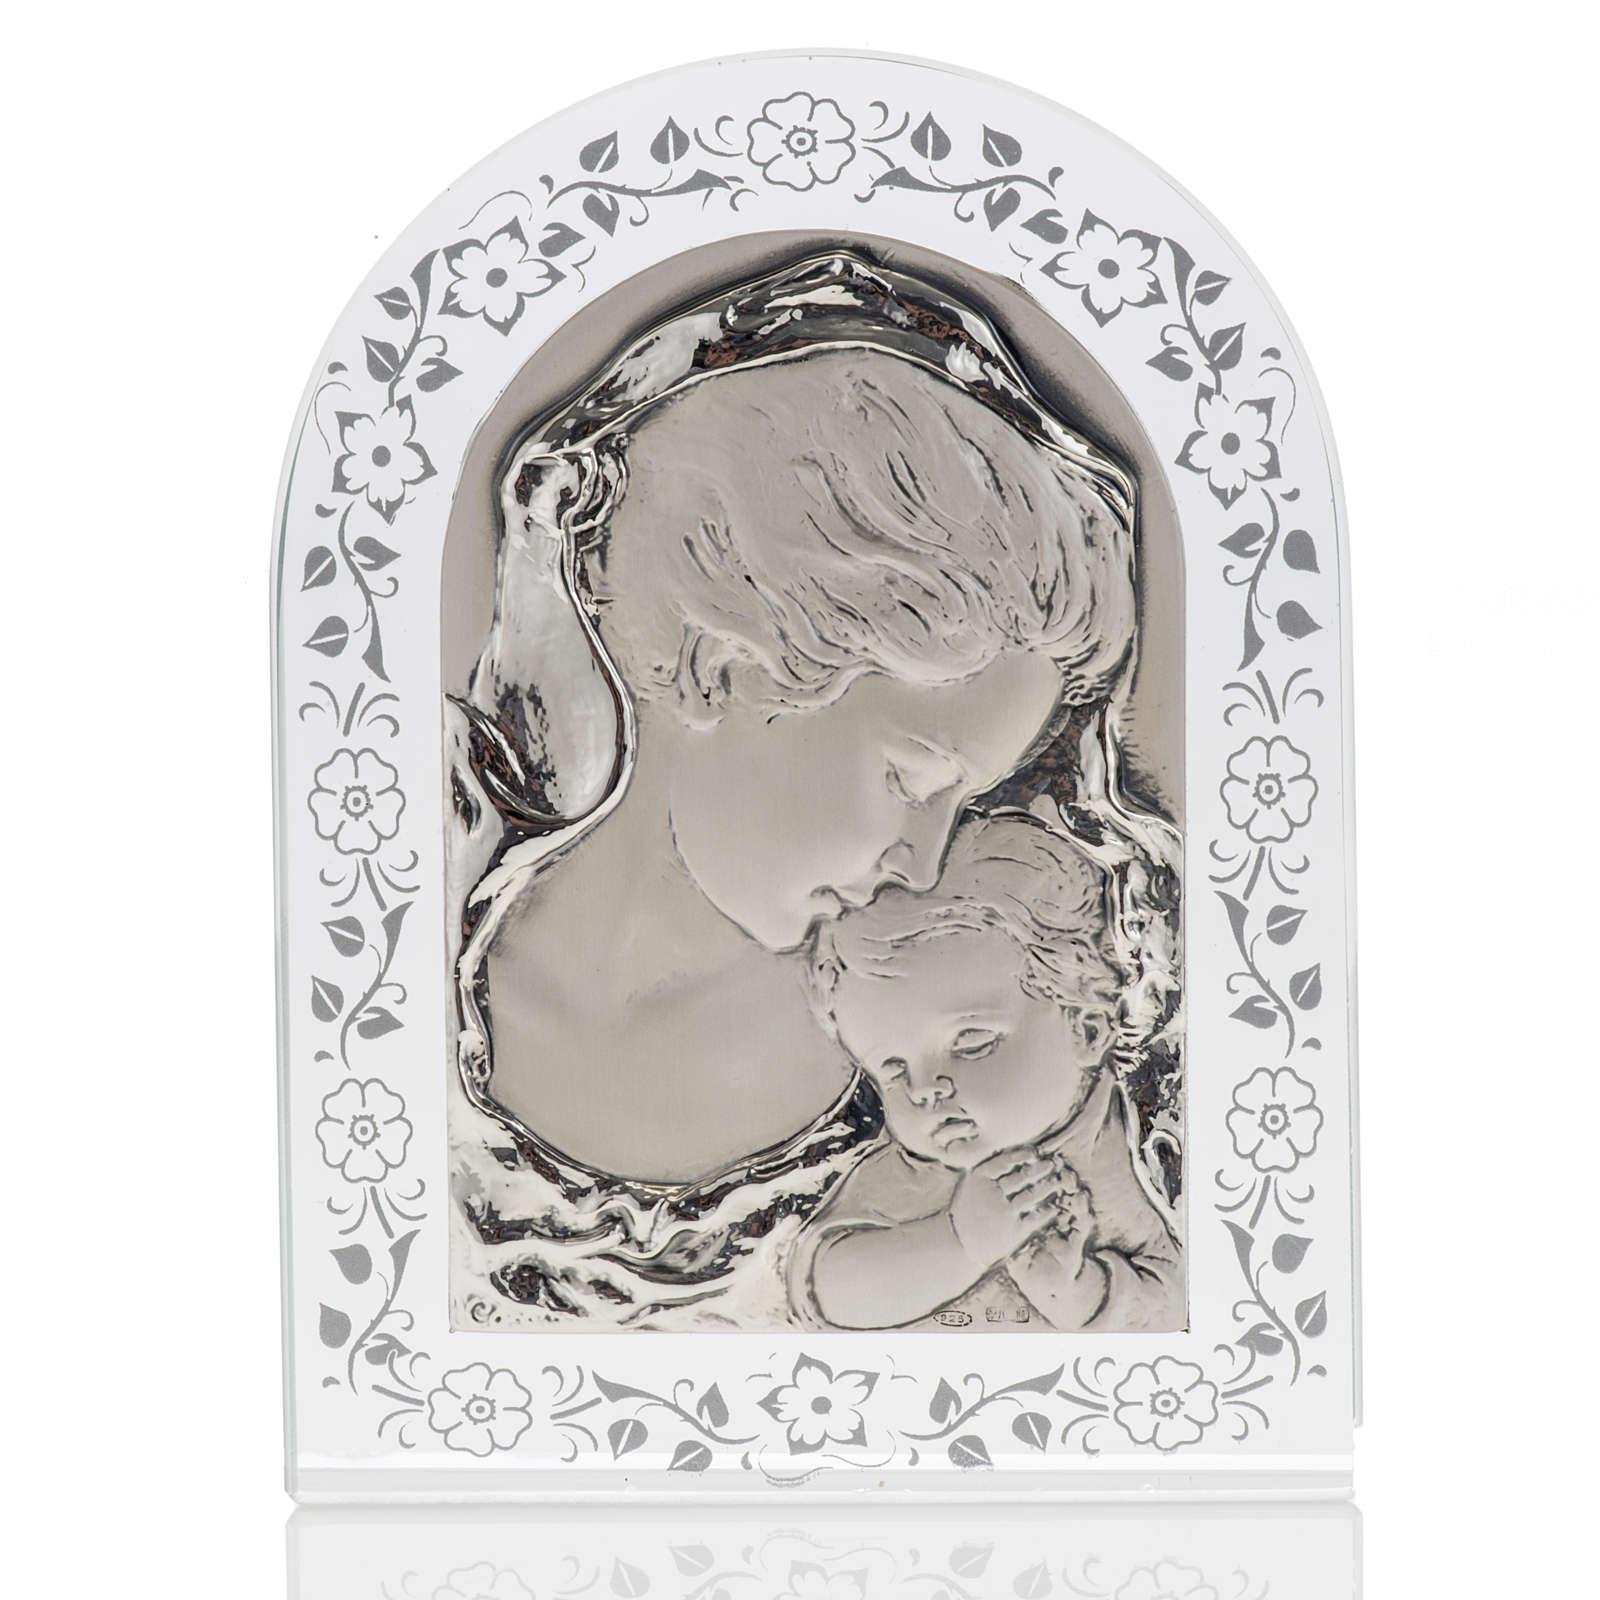 Bas-relief Vierge avec l'enfant Jésus et fleurs argent 4